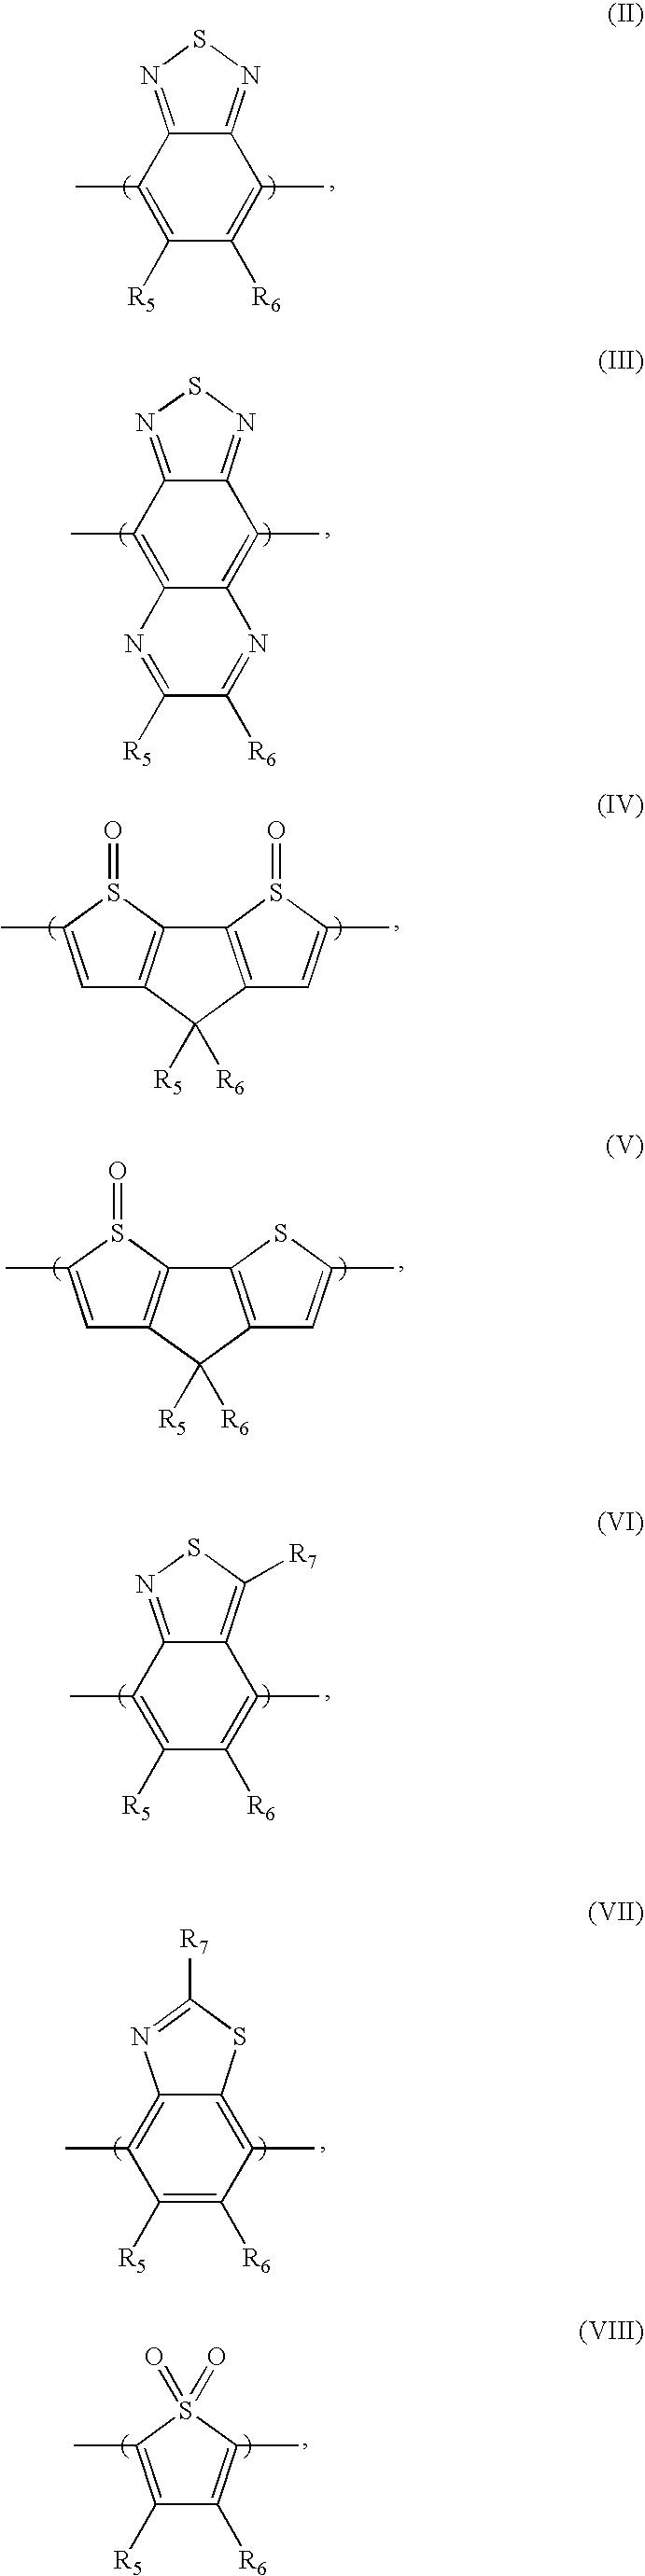 Figure US20100180944A1-20100722-C00002